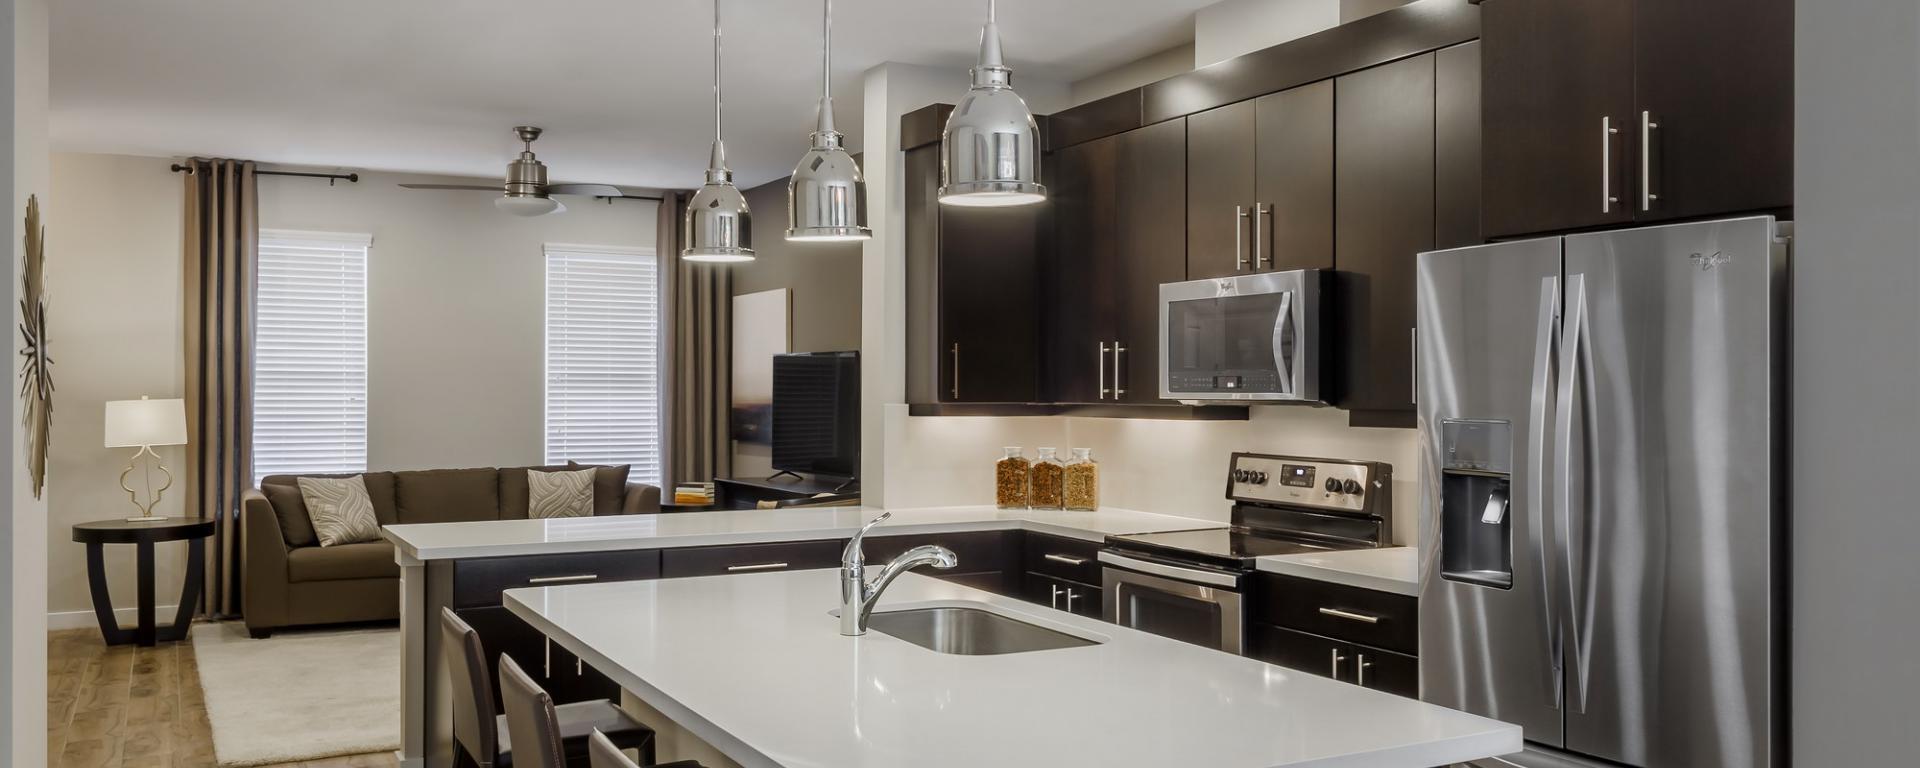 Compensa investir em imóvel de aluguel residencial em Orlando?